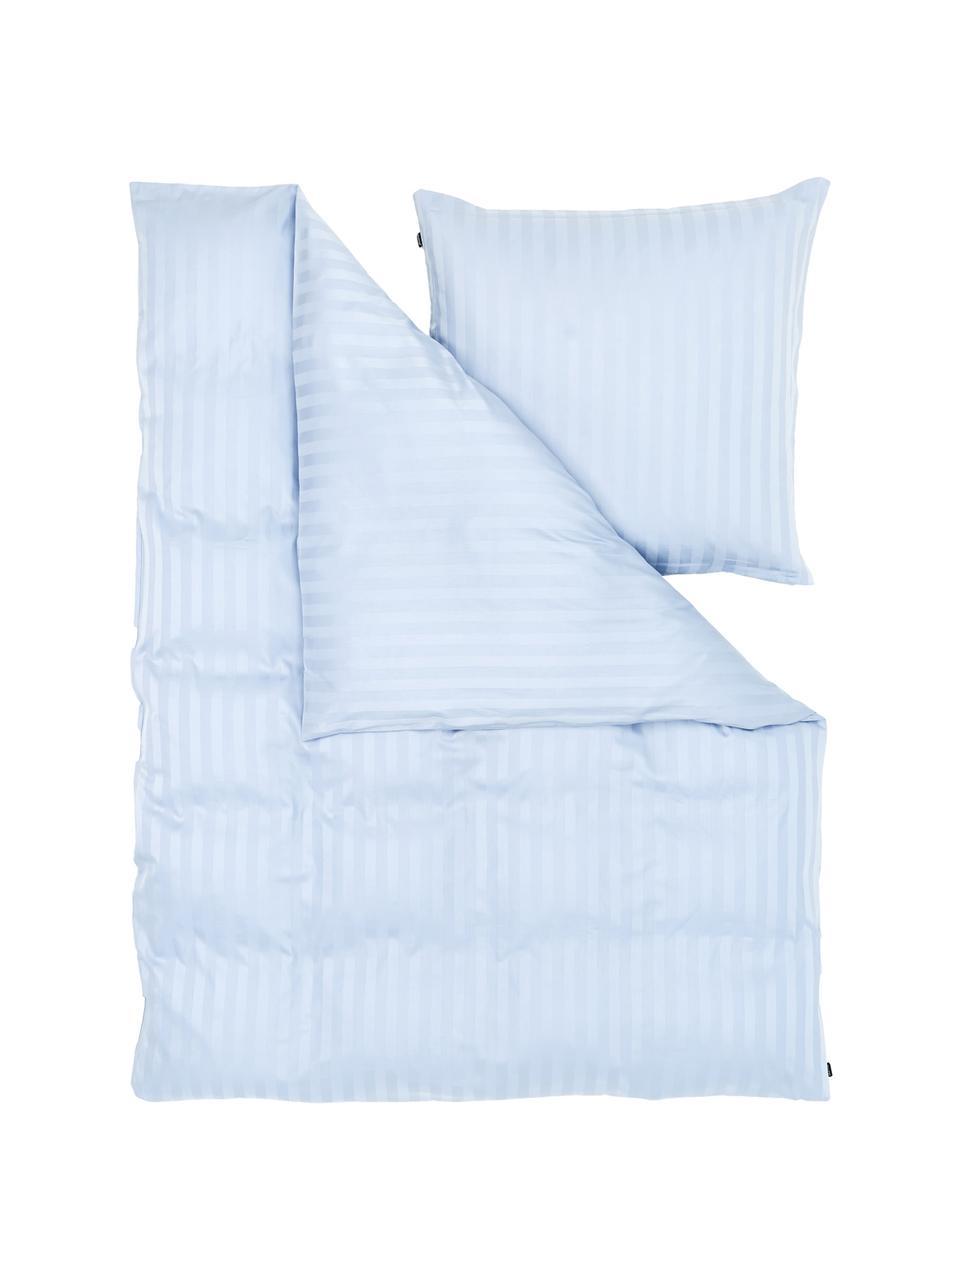 Pościel z satyny bawełnianej Linea, Jasny niebieski, 135 x 200 cm + 1 poduszka 80 x 80 cm